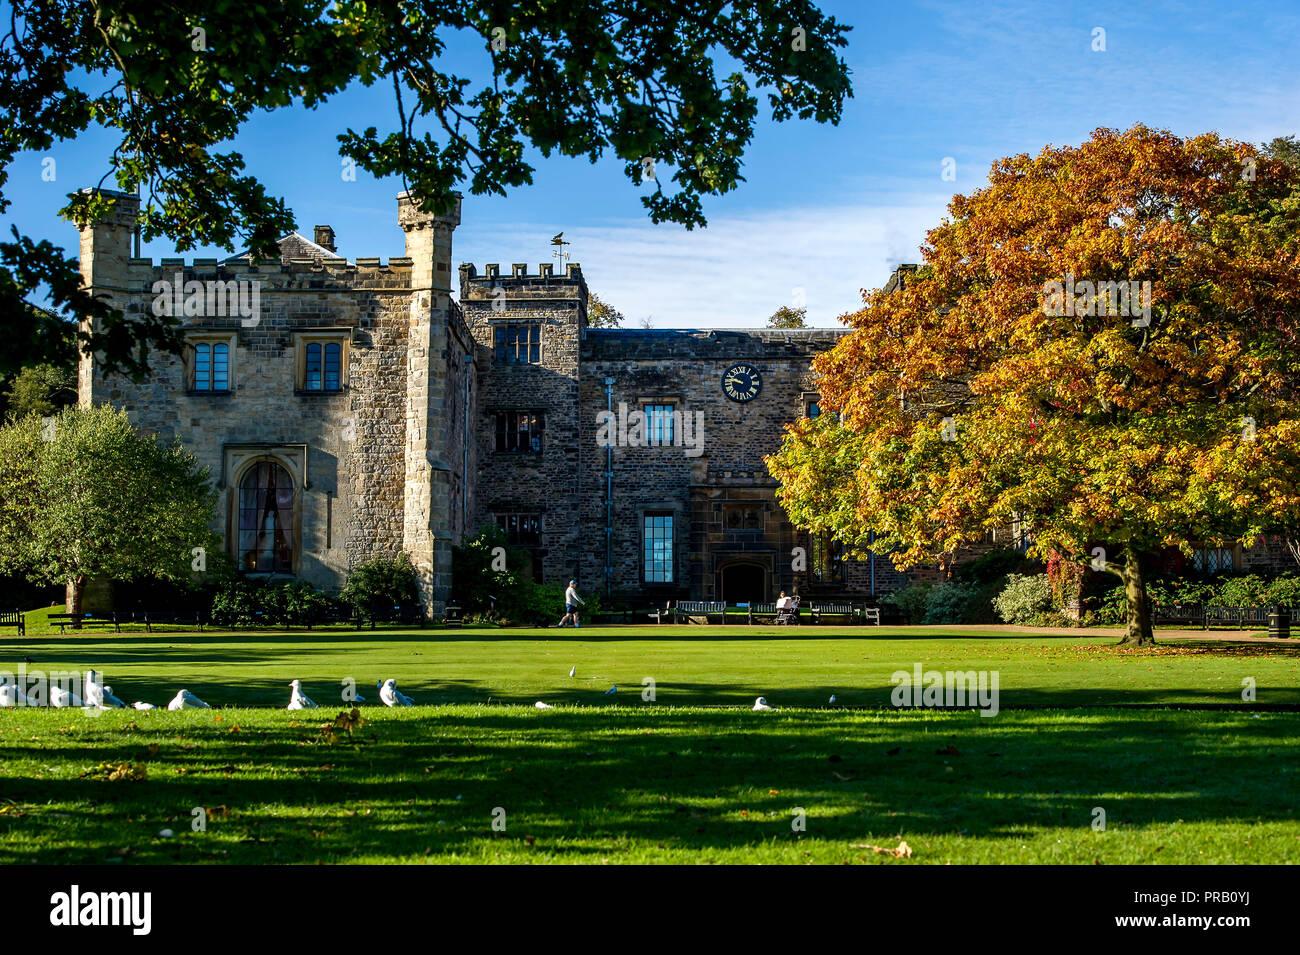 Burnley, Lancashire, Royaume-Uni. 1 octobre, 2018. Soleil d'Automne glorieux pour les visiteurs pour profiter à Towneley Hall à Burnley, Lancashire, le premier jour d'octobre. Photo par Paul Heyes, lundi 01 octobre, 2018. Crédit: Paul Heyes/Alamy Live News Photo Stock